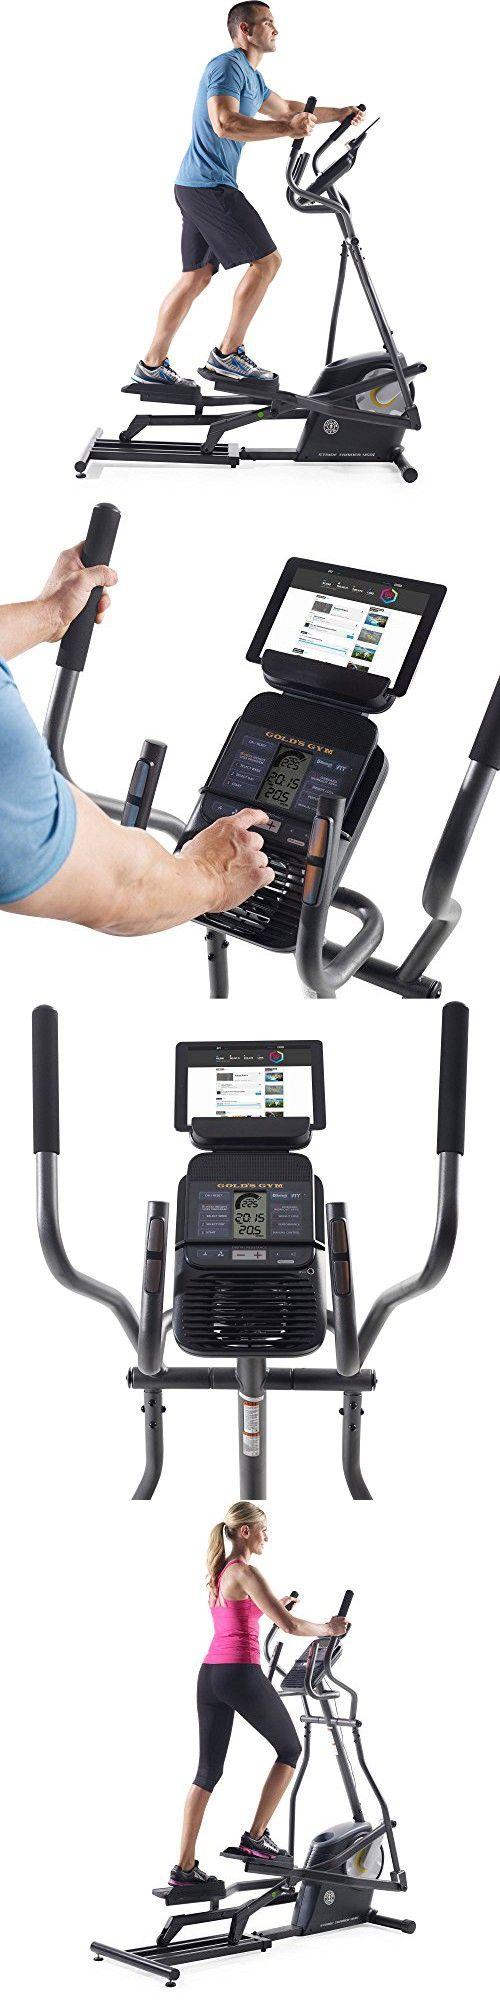 Gold's Gym Stride Trainer 450i Elliptical